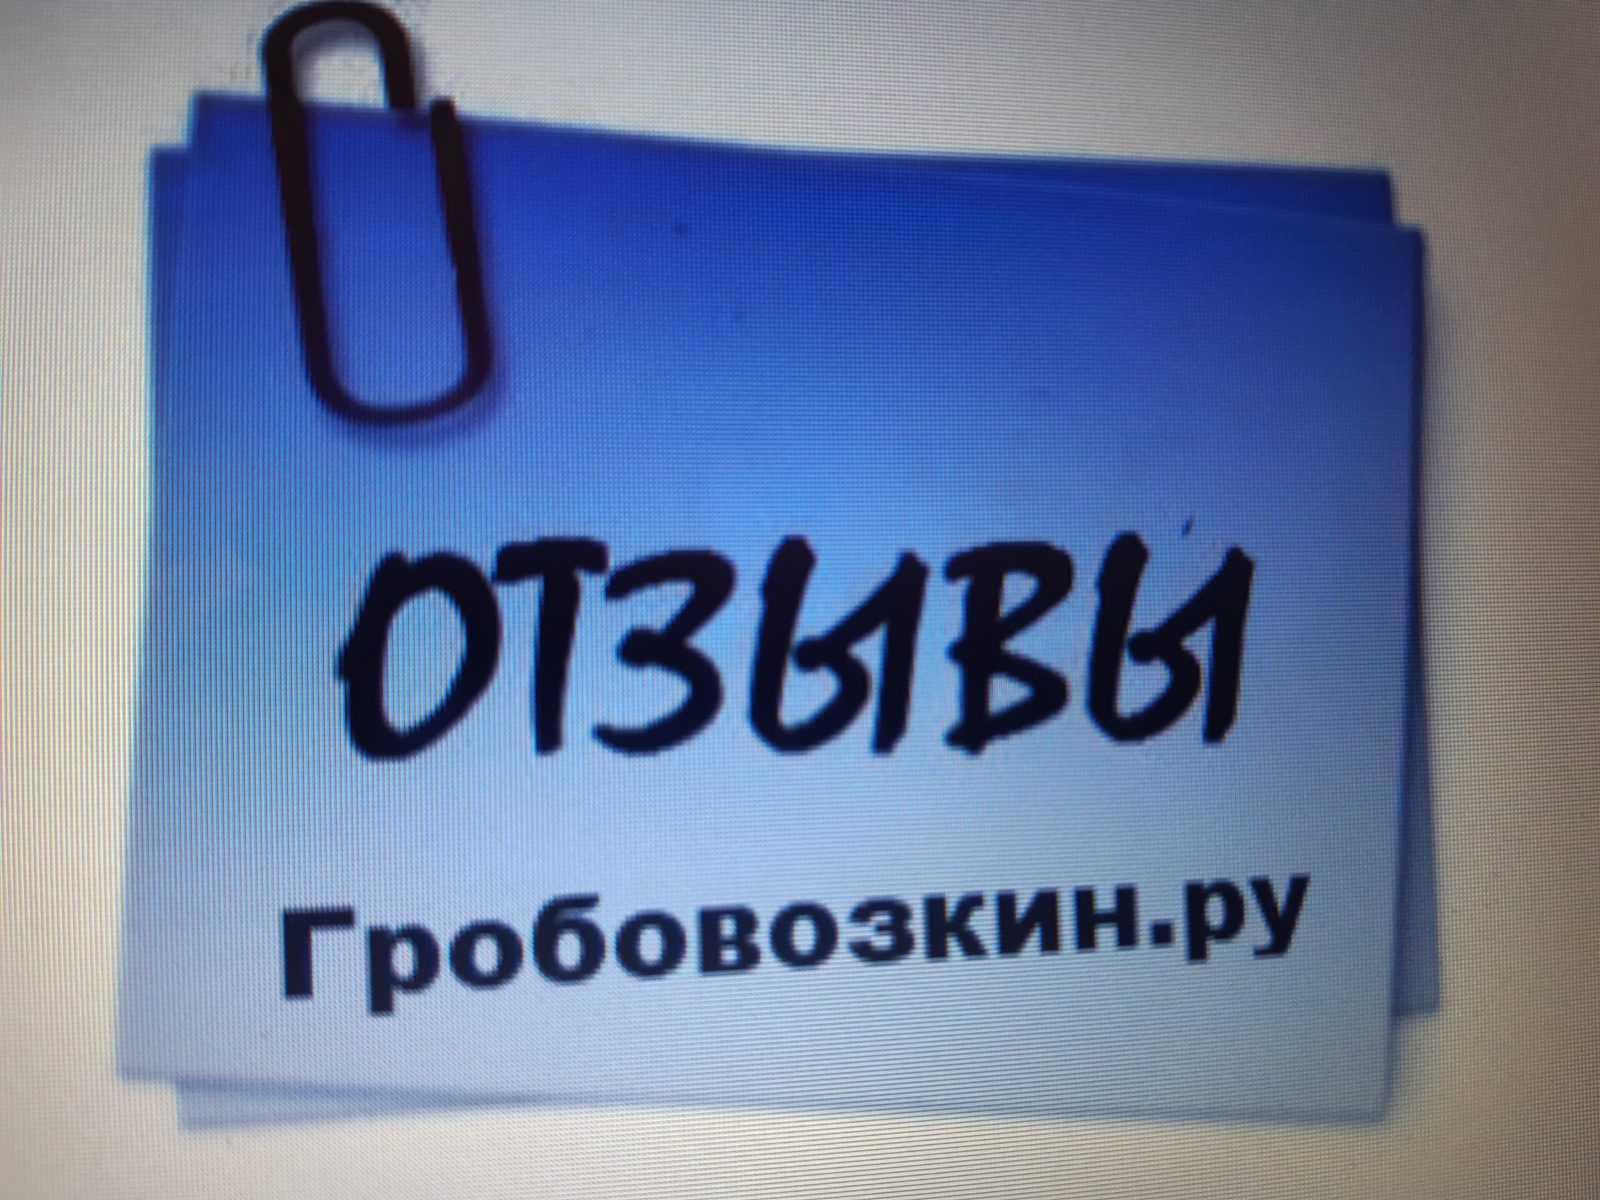 Отзывы - «Гробовозкин.ру»